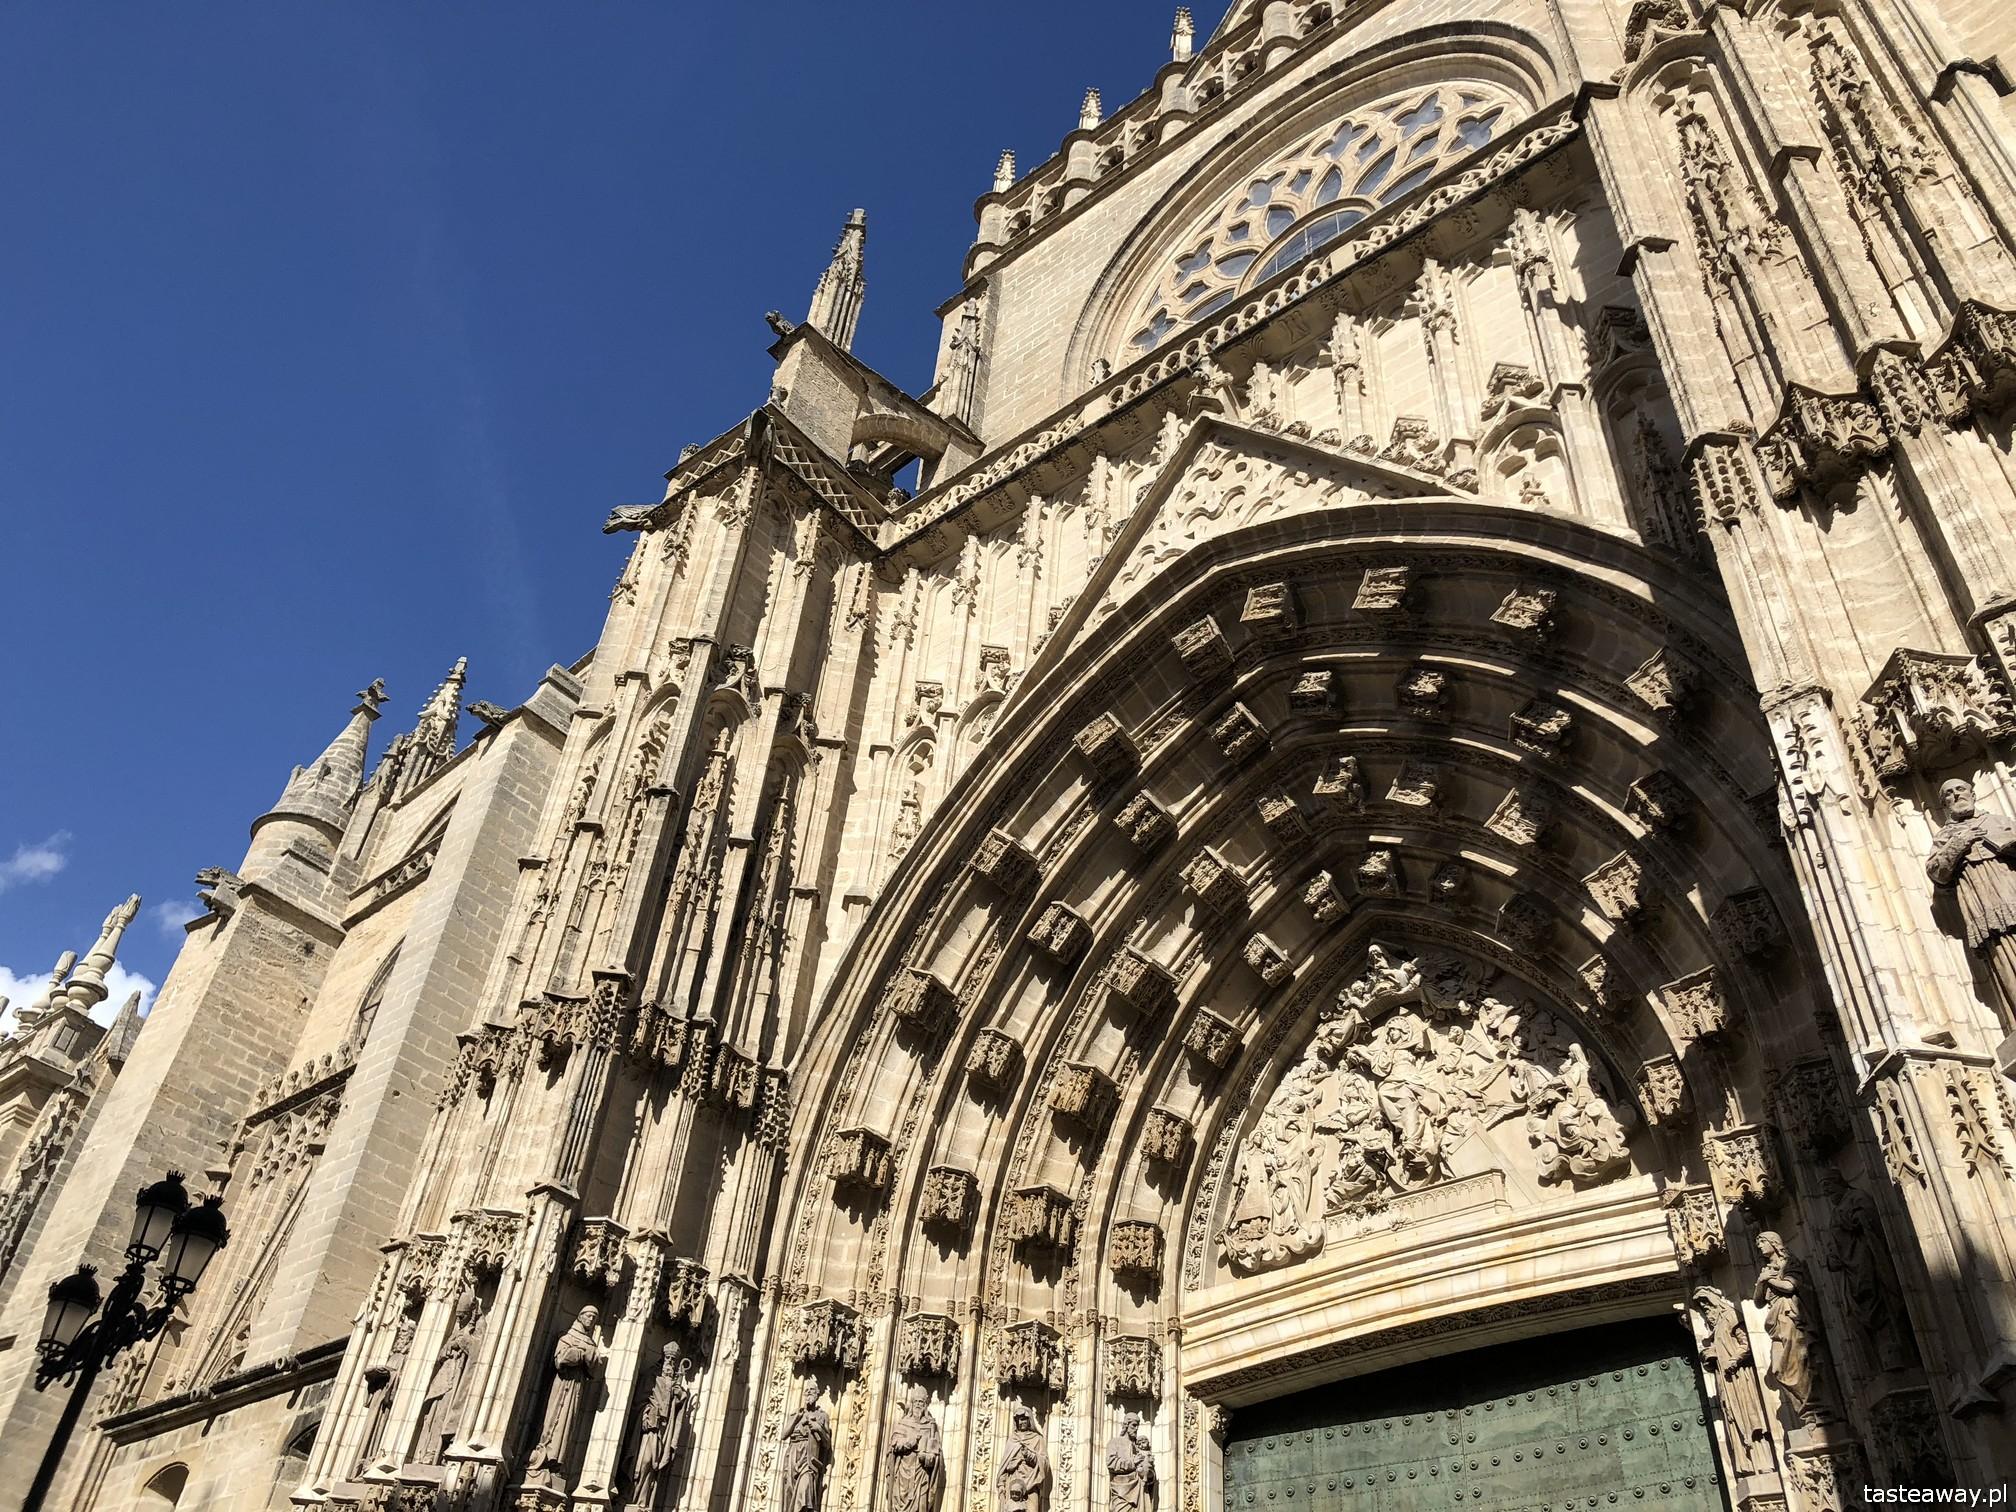 Sewilla, Sevilla, co zobaczyć w Sewilli, Sevilla w jeden dzień, Andaluzja, miasta Hiszpanii, spacer po Sevilli, Katedra Najświętszej Marii Panny w Sewill